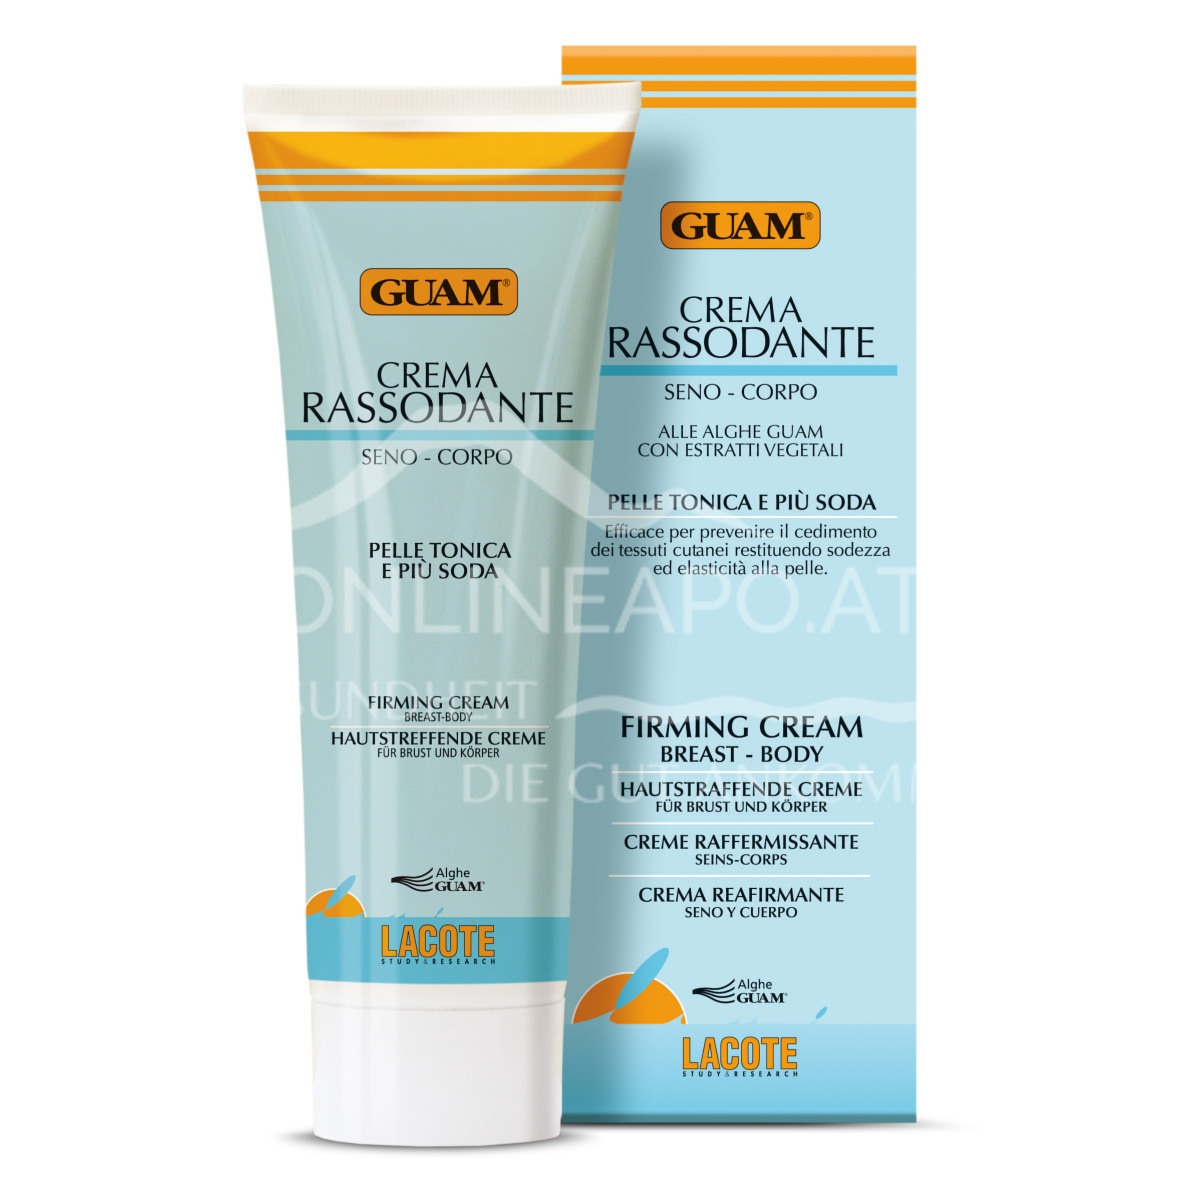 Guam Hautstraffende Creme für Brust & Körper 250ml